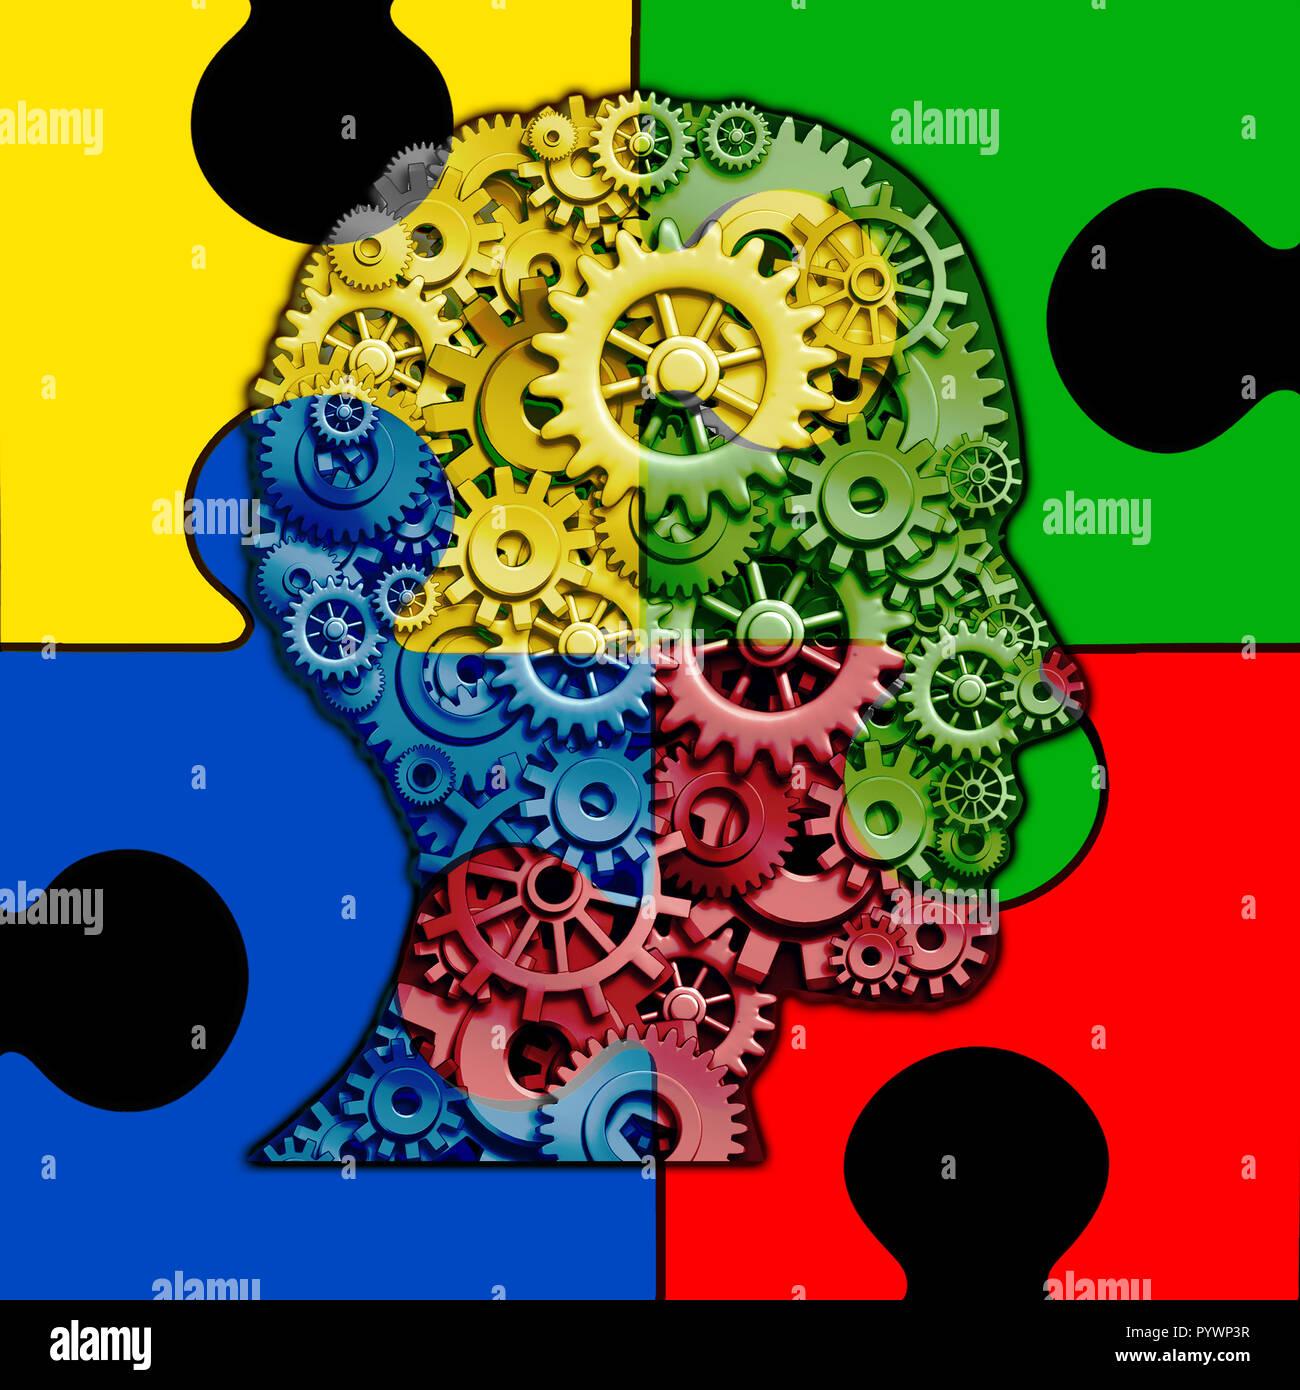 Autismus Gehirnfunktion Konzept und autistischen Entwicklungsstörungen als Symbol einer Kommunikation und Sozialverhalten Psychologie als einem menschlichen Kopf. Stockbild